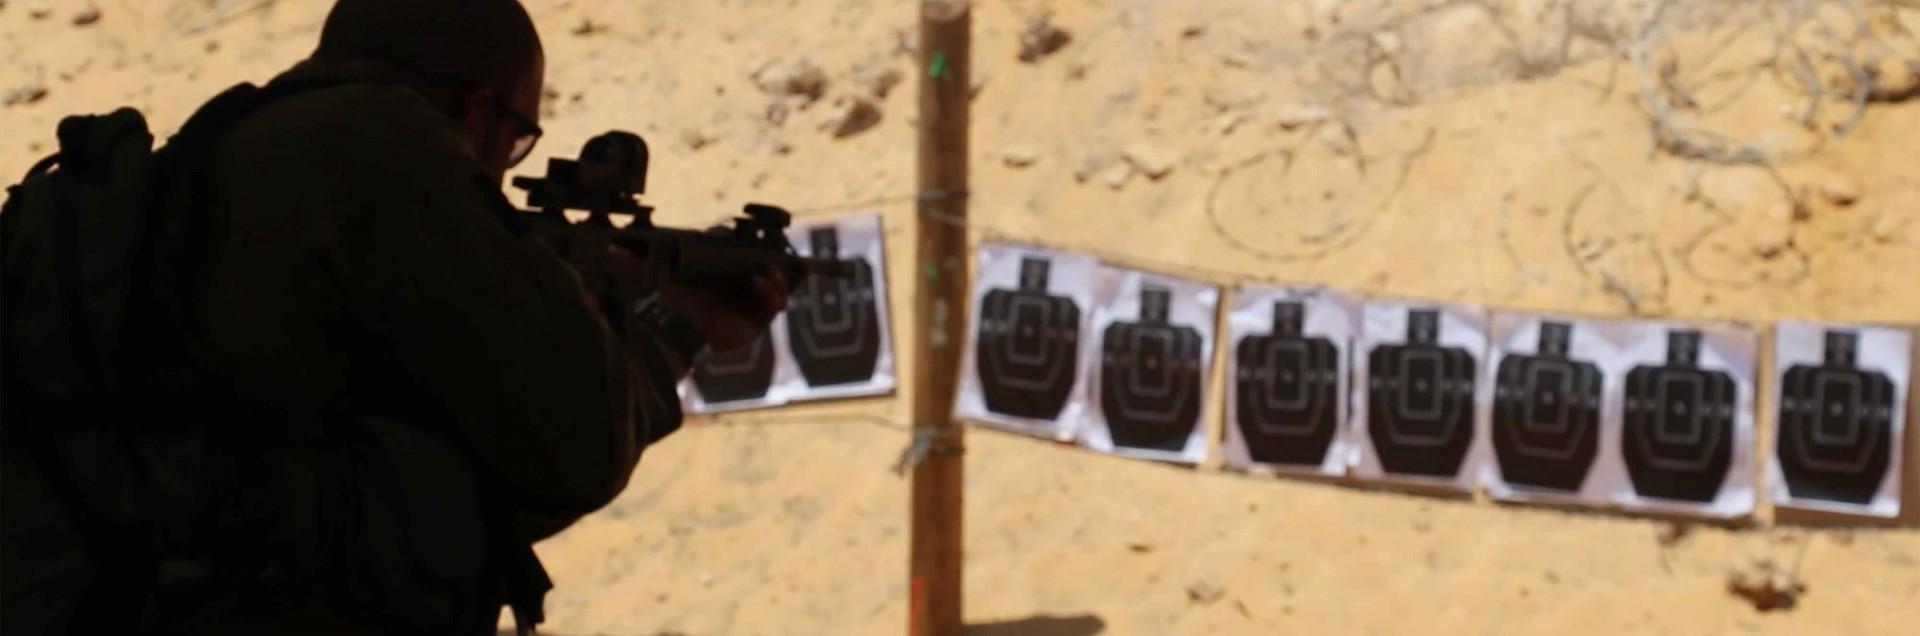 I campi antiterrorismo per turisti di Israele